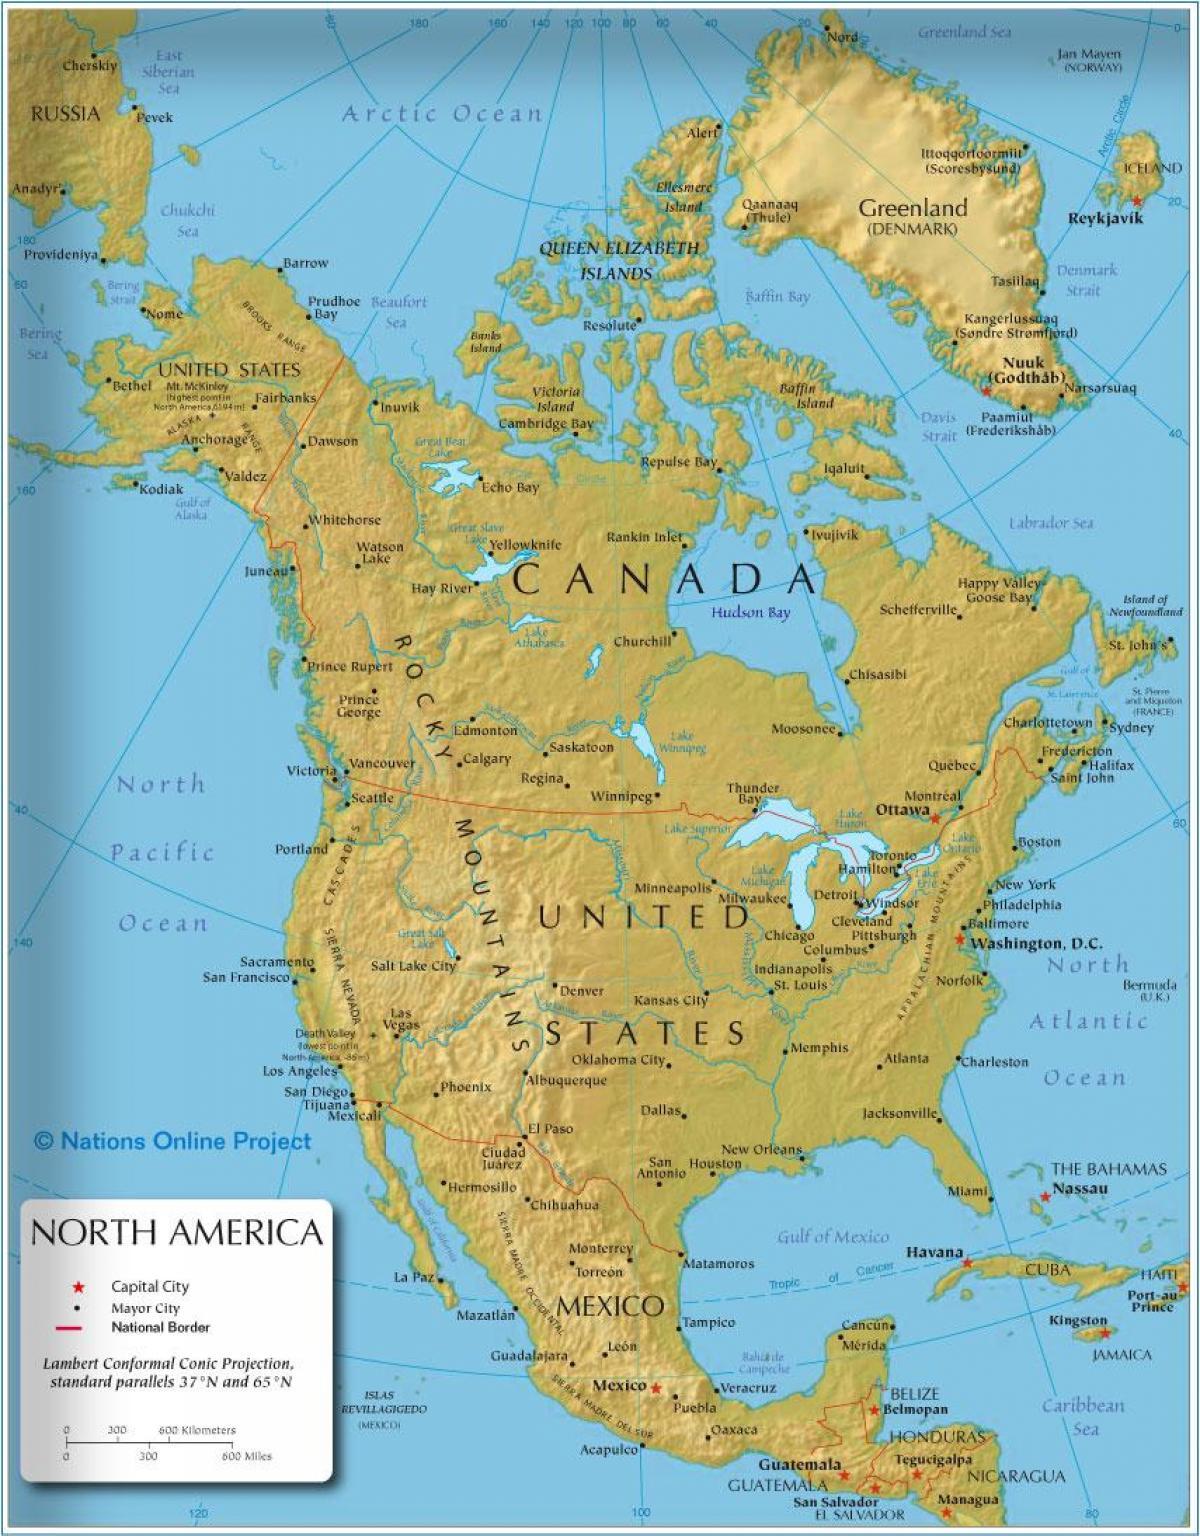 كندا الحدود خريطة خريطة الحدود كندا أمريكا الشمالية أمريكا